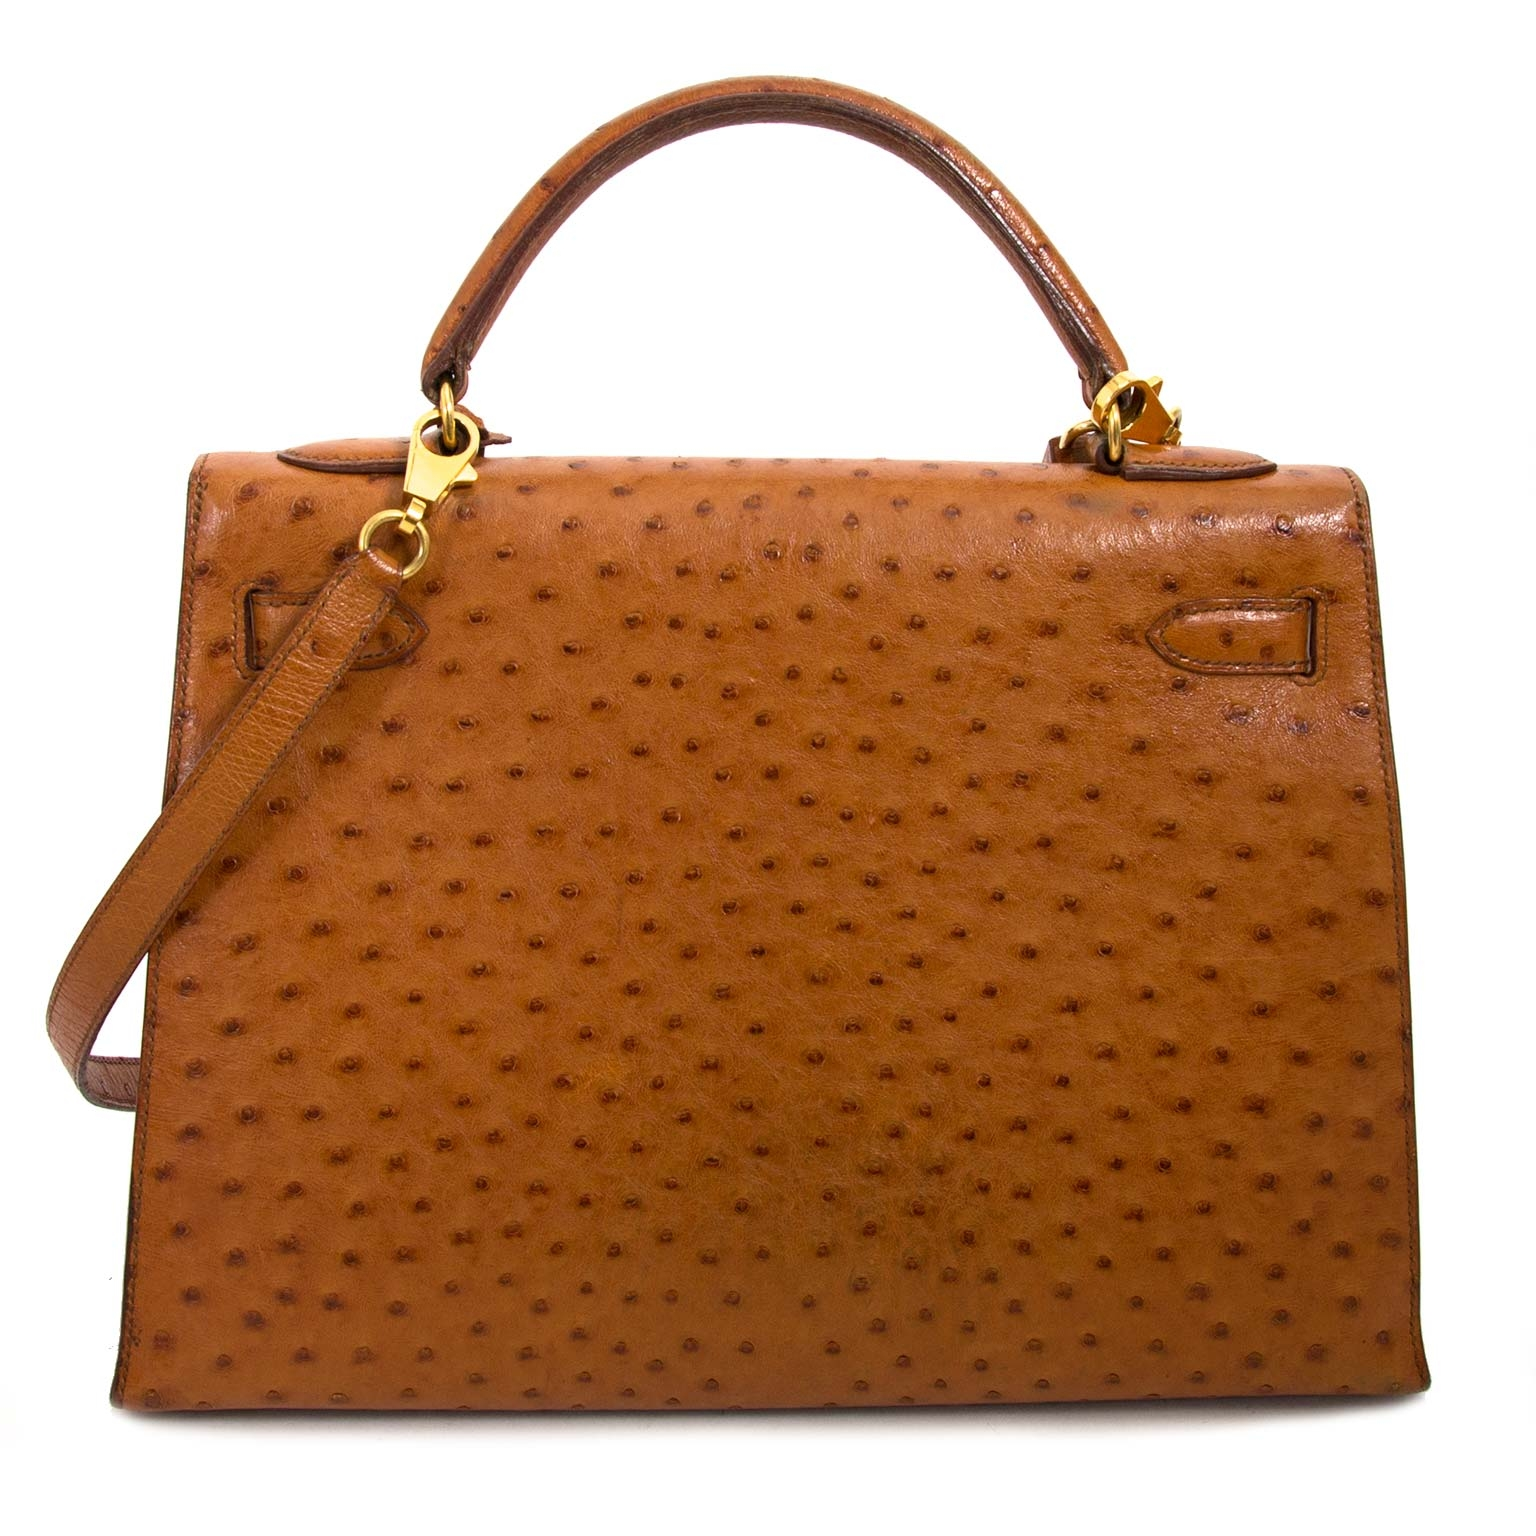 891c93f2b717 Labellov Buy safe Delvaux designer vintage online. Vind tweedehands ...